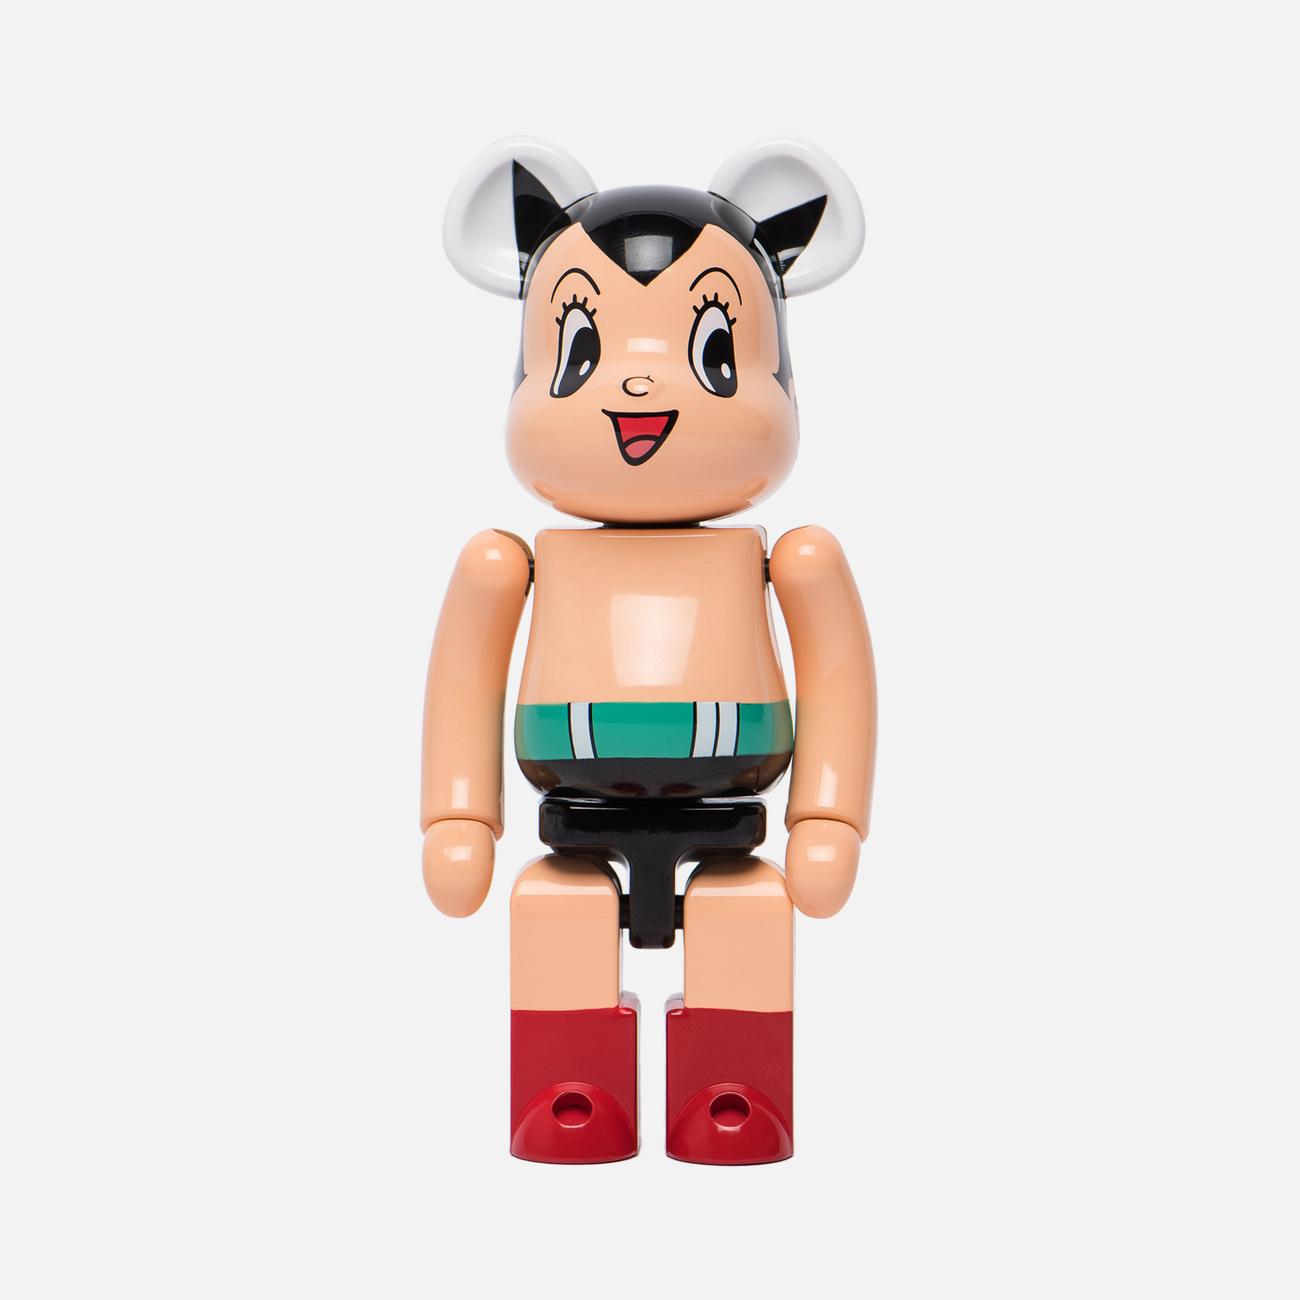 Игрушка Medicom Toy Bearbrick Astroboy Version 200%